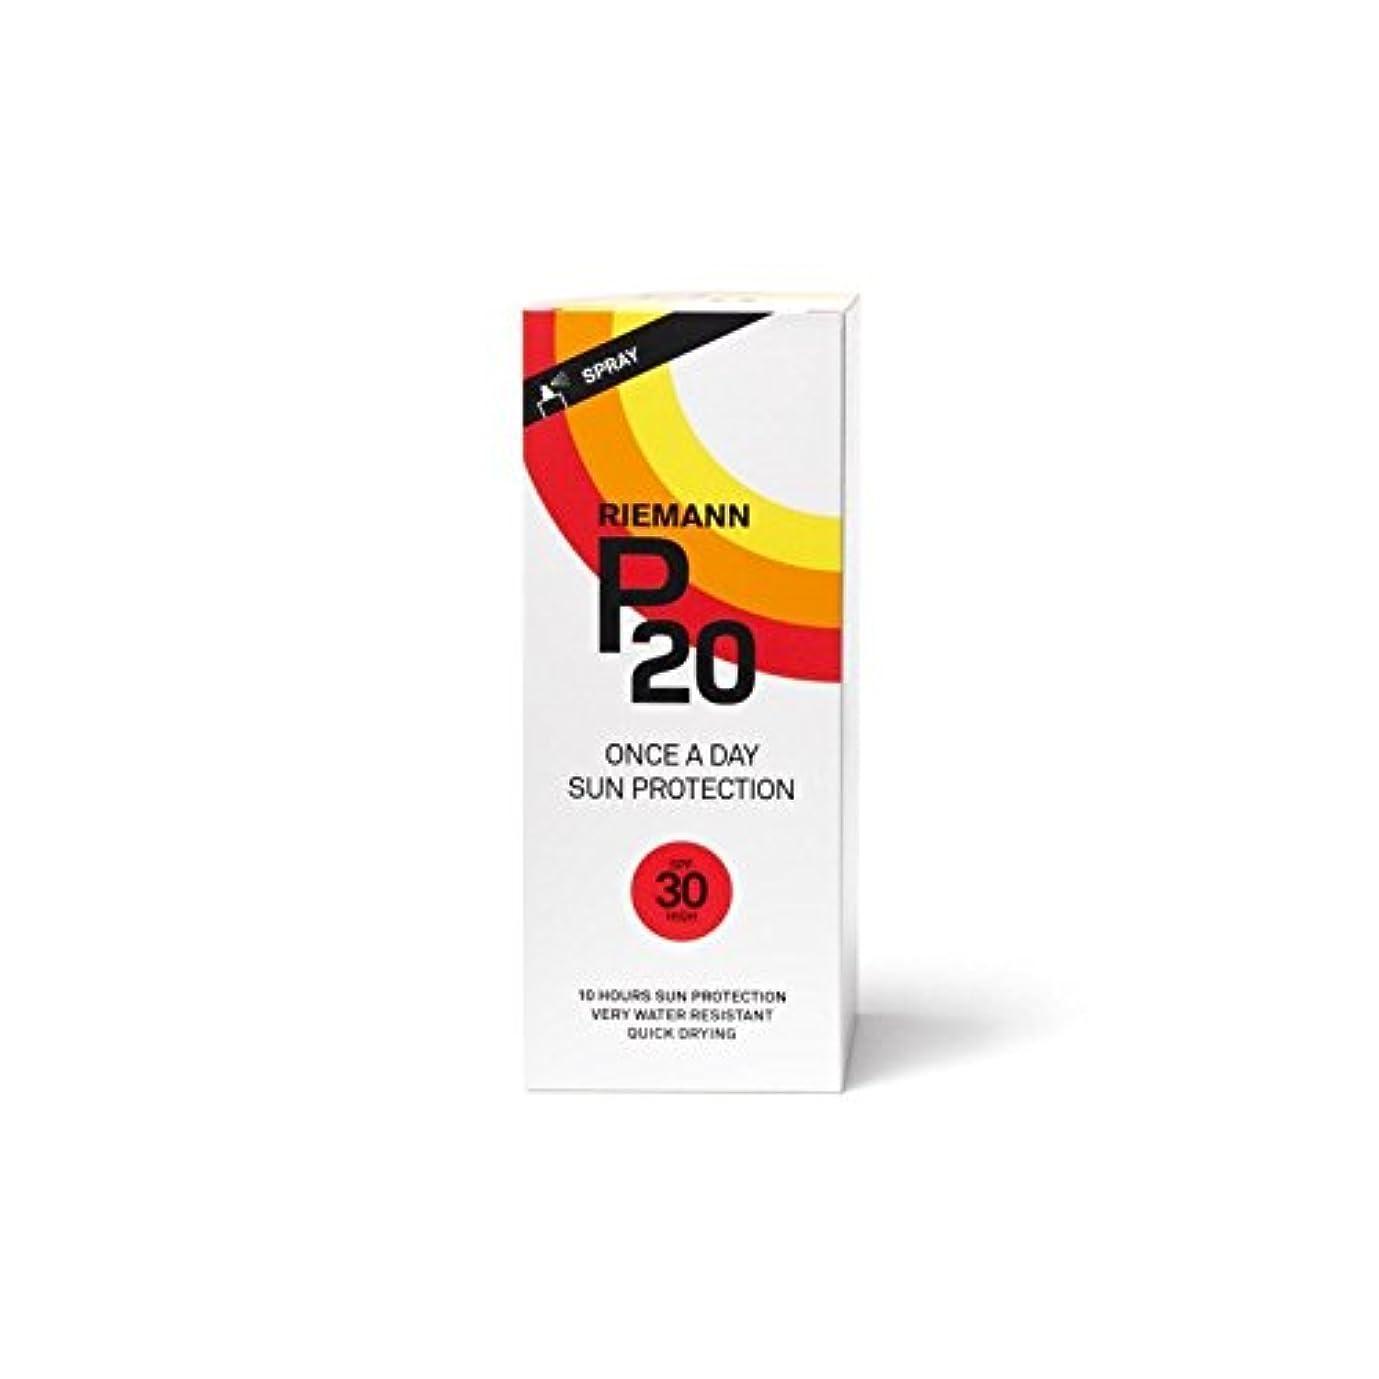 インタフェース晴れせがむRiemann P20 Sun Filter 200ml SPF30 - リーマン20のサンフィルター200ミリリットル30 [並行輸入品]